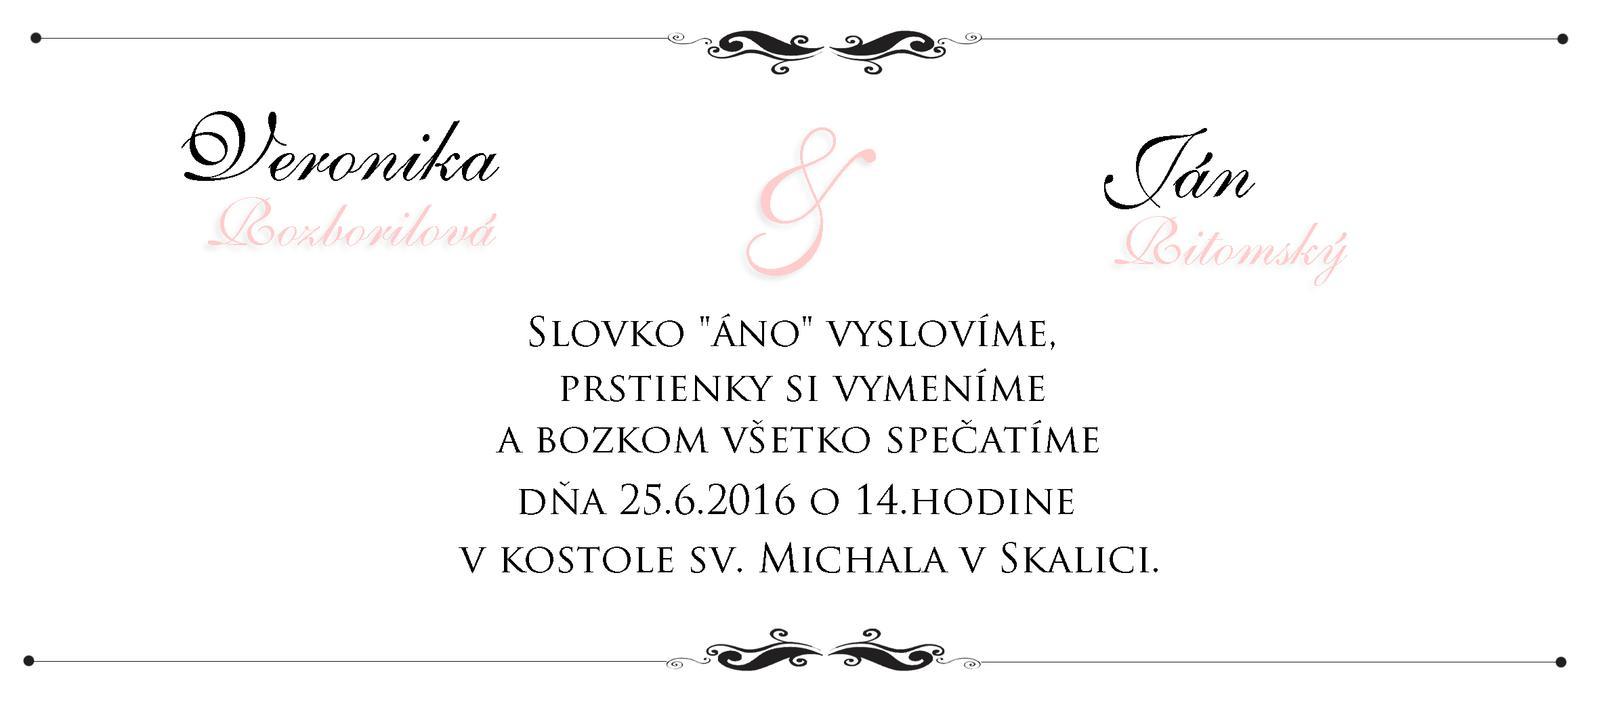 """Svadobné oznámenia - Pokus 1 vnútro : nalepené na farebnom ružovom papieri vo farbe písma. Patrí do vnútra predchádzajúceho obrázku """"Pokus č. 1"""""""